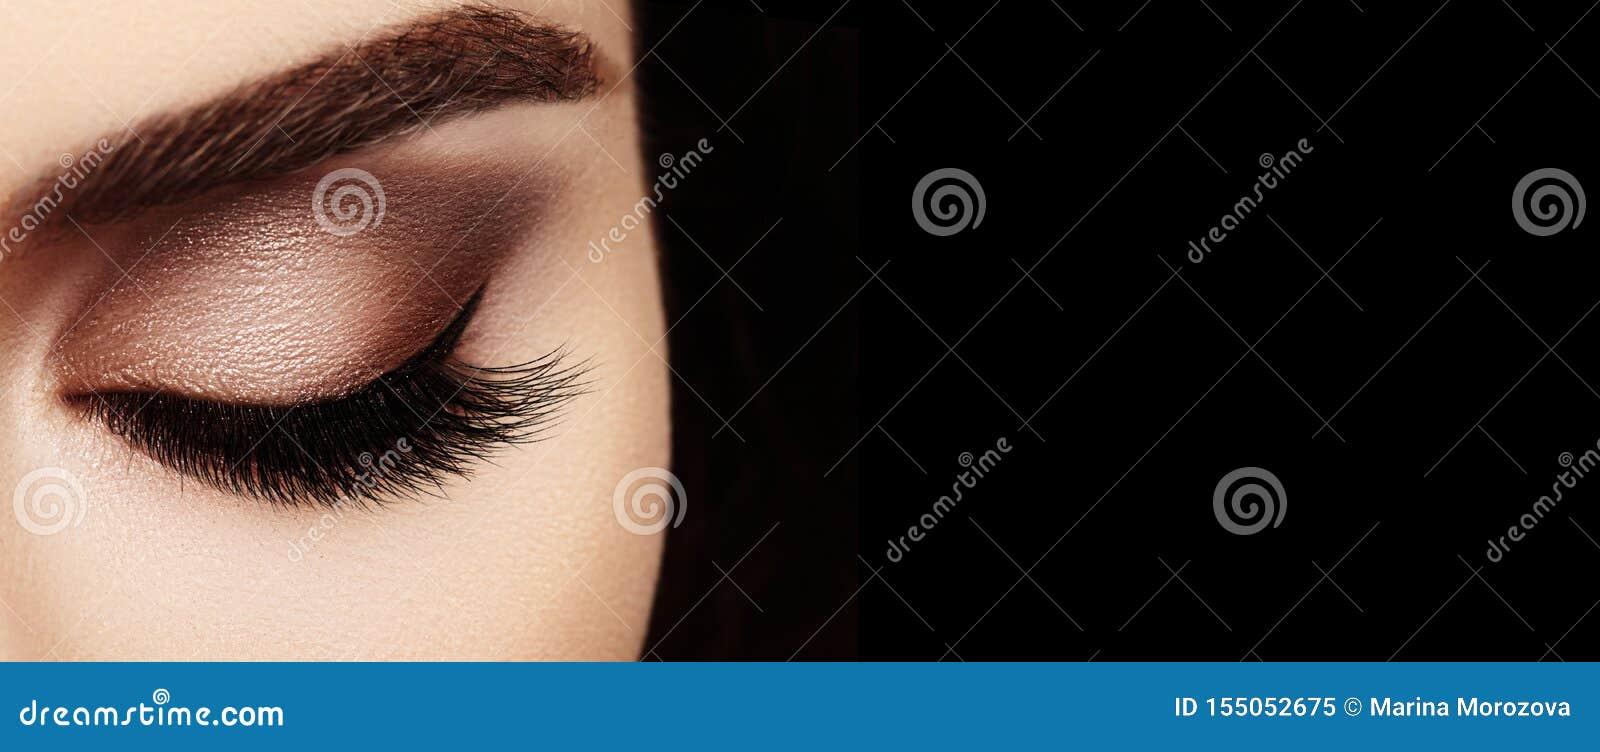 Глаз красивого макроса женский с весьма длинными ресницами и отпраздновать макияж Идеальный макияж формы, фасонирует длинные плет